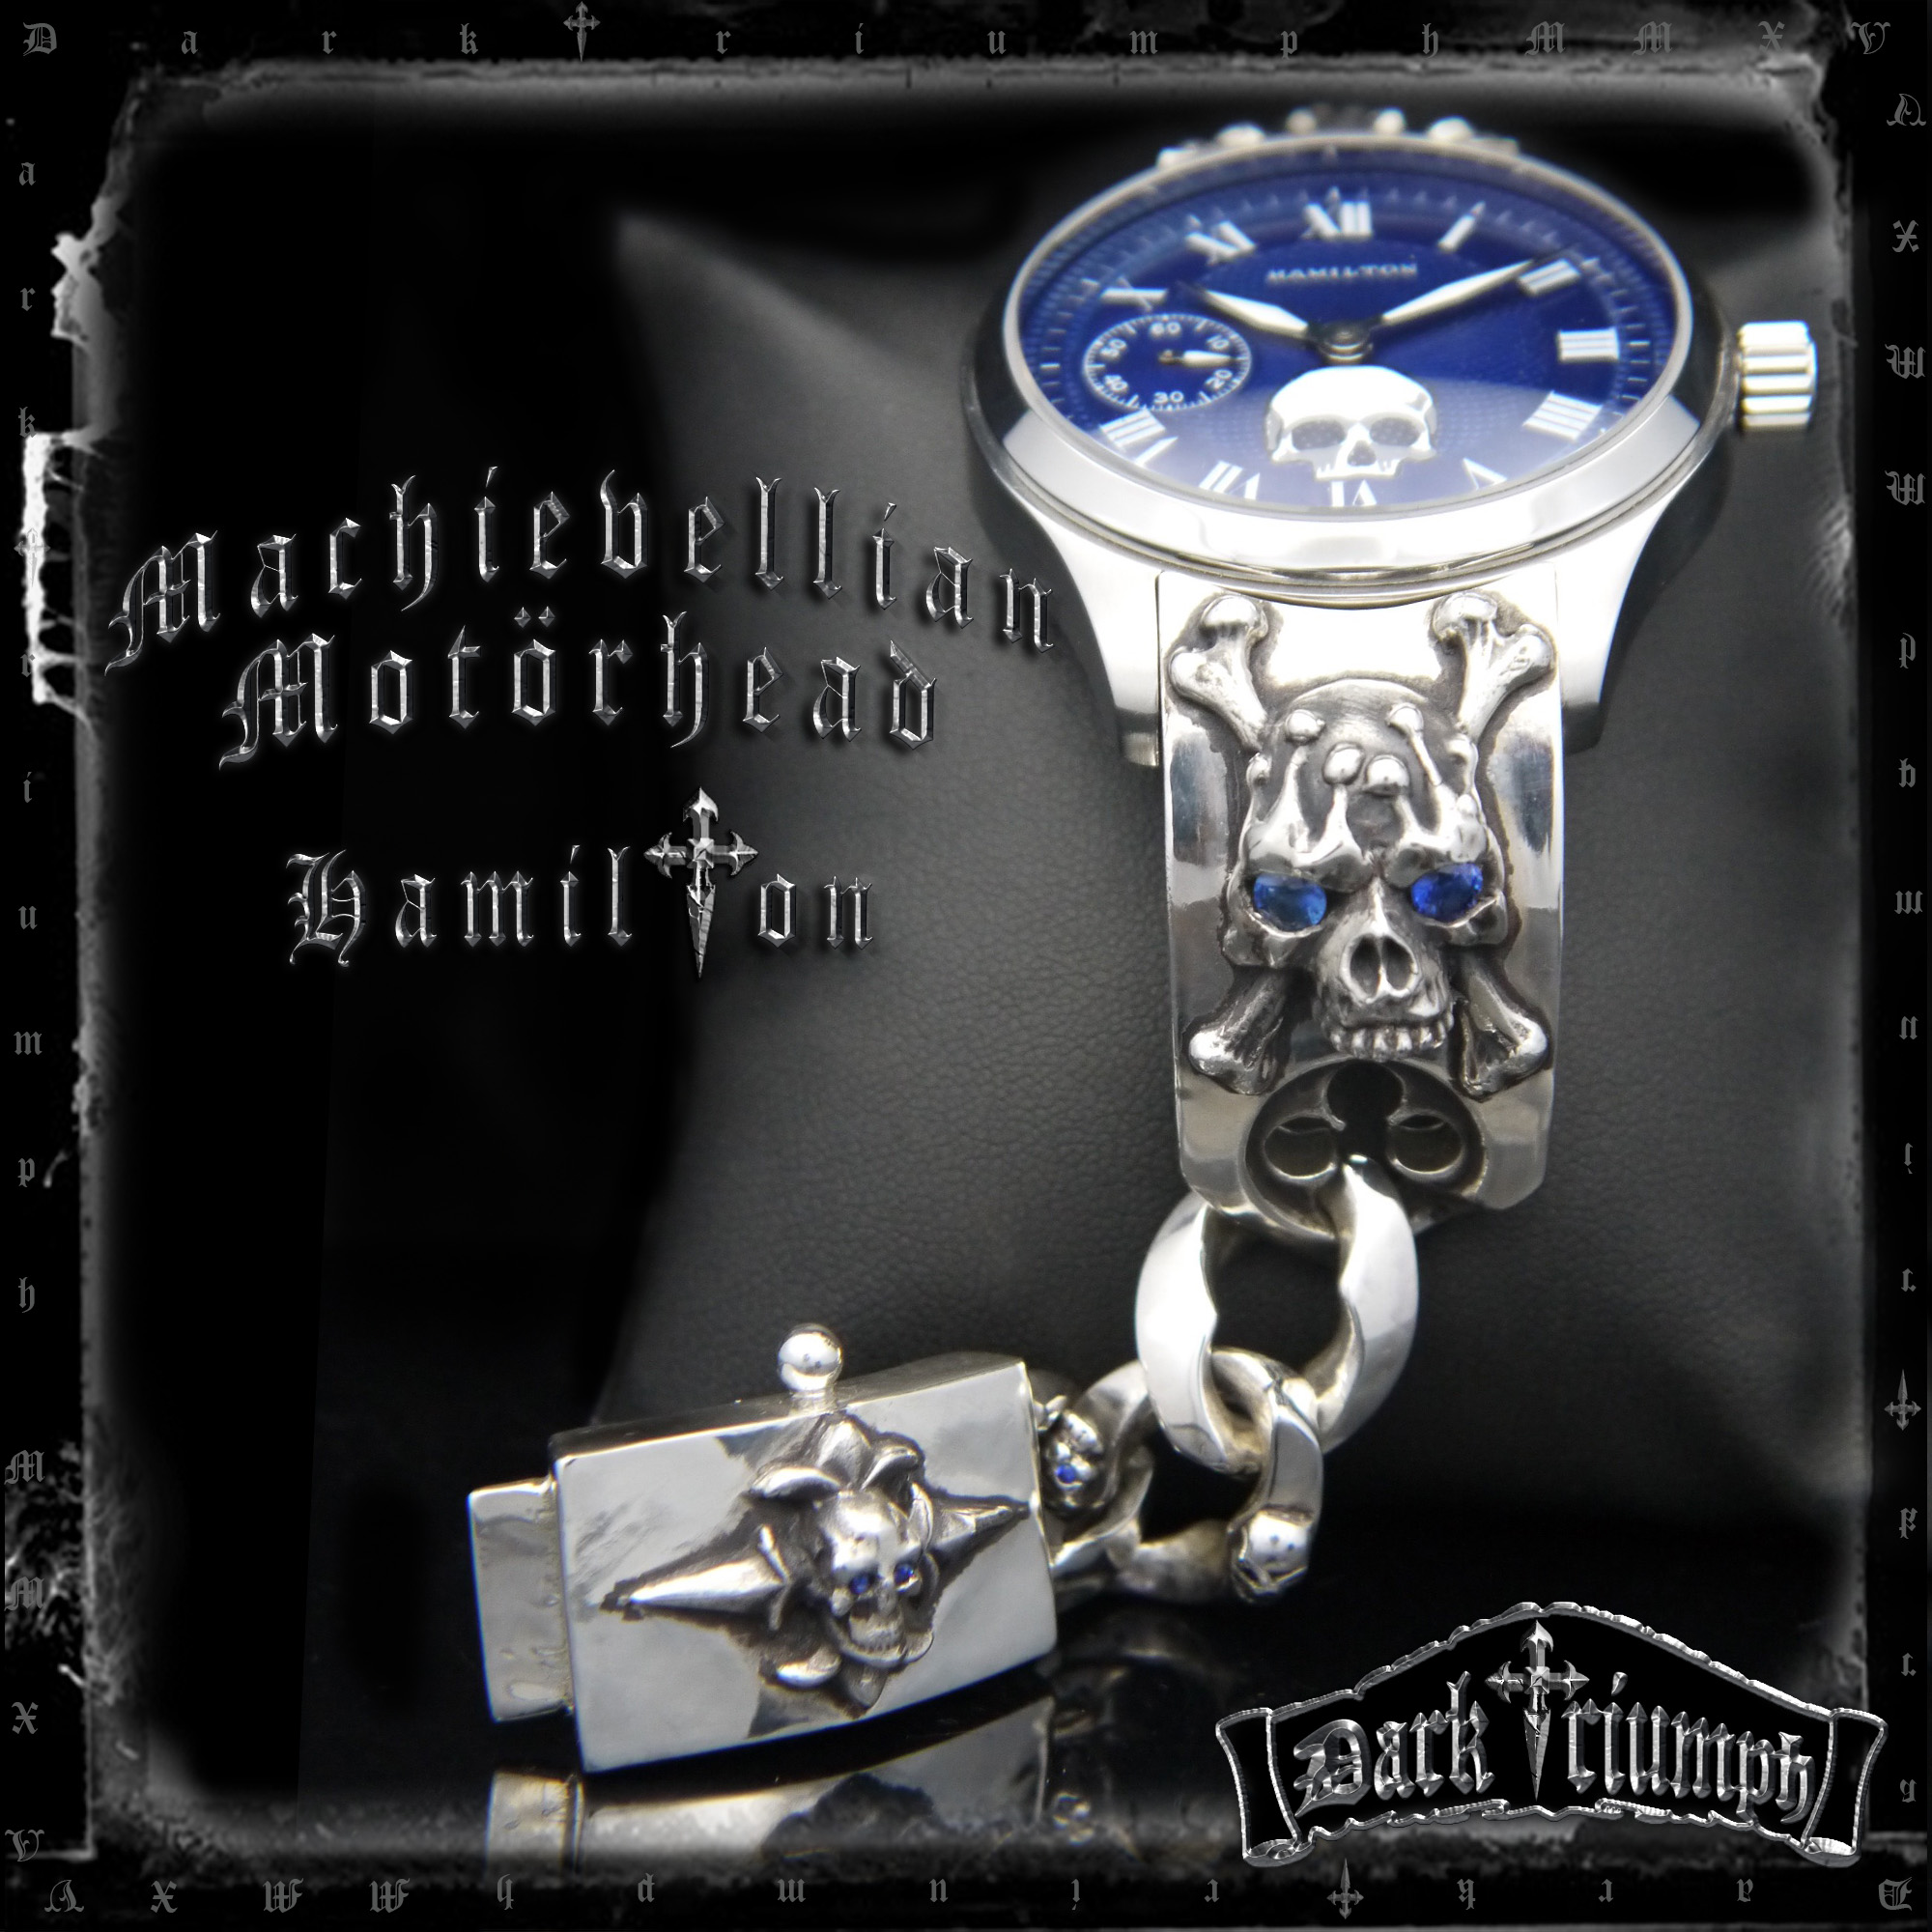 machievallian-motorhead-hamilton-titled-1.jpg